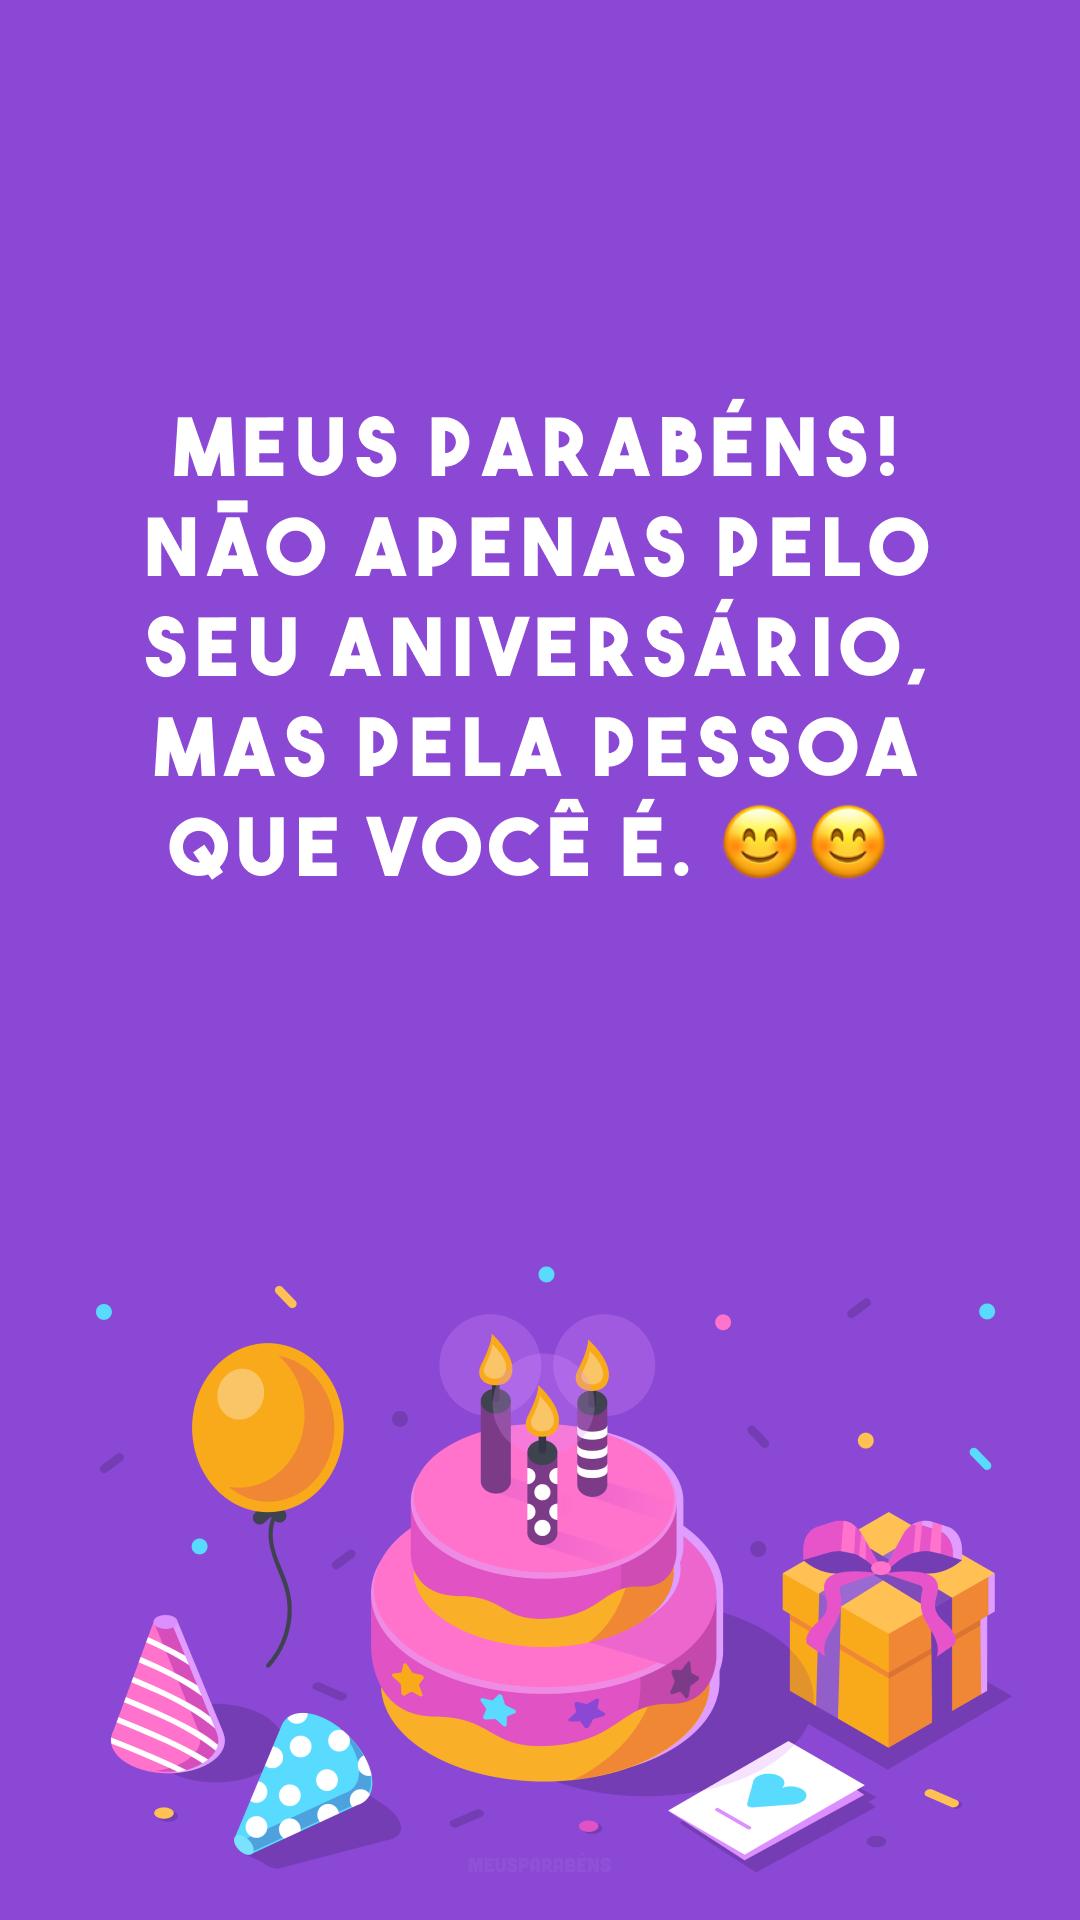 Meus parabéns! Não apenas pelo seu aniversário, mas pela pessoa que você é. 😊😊<br />